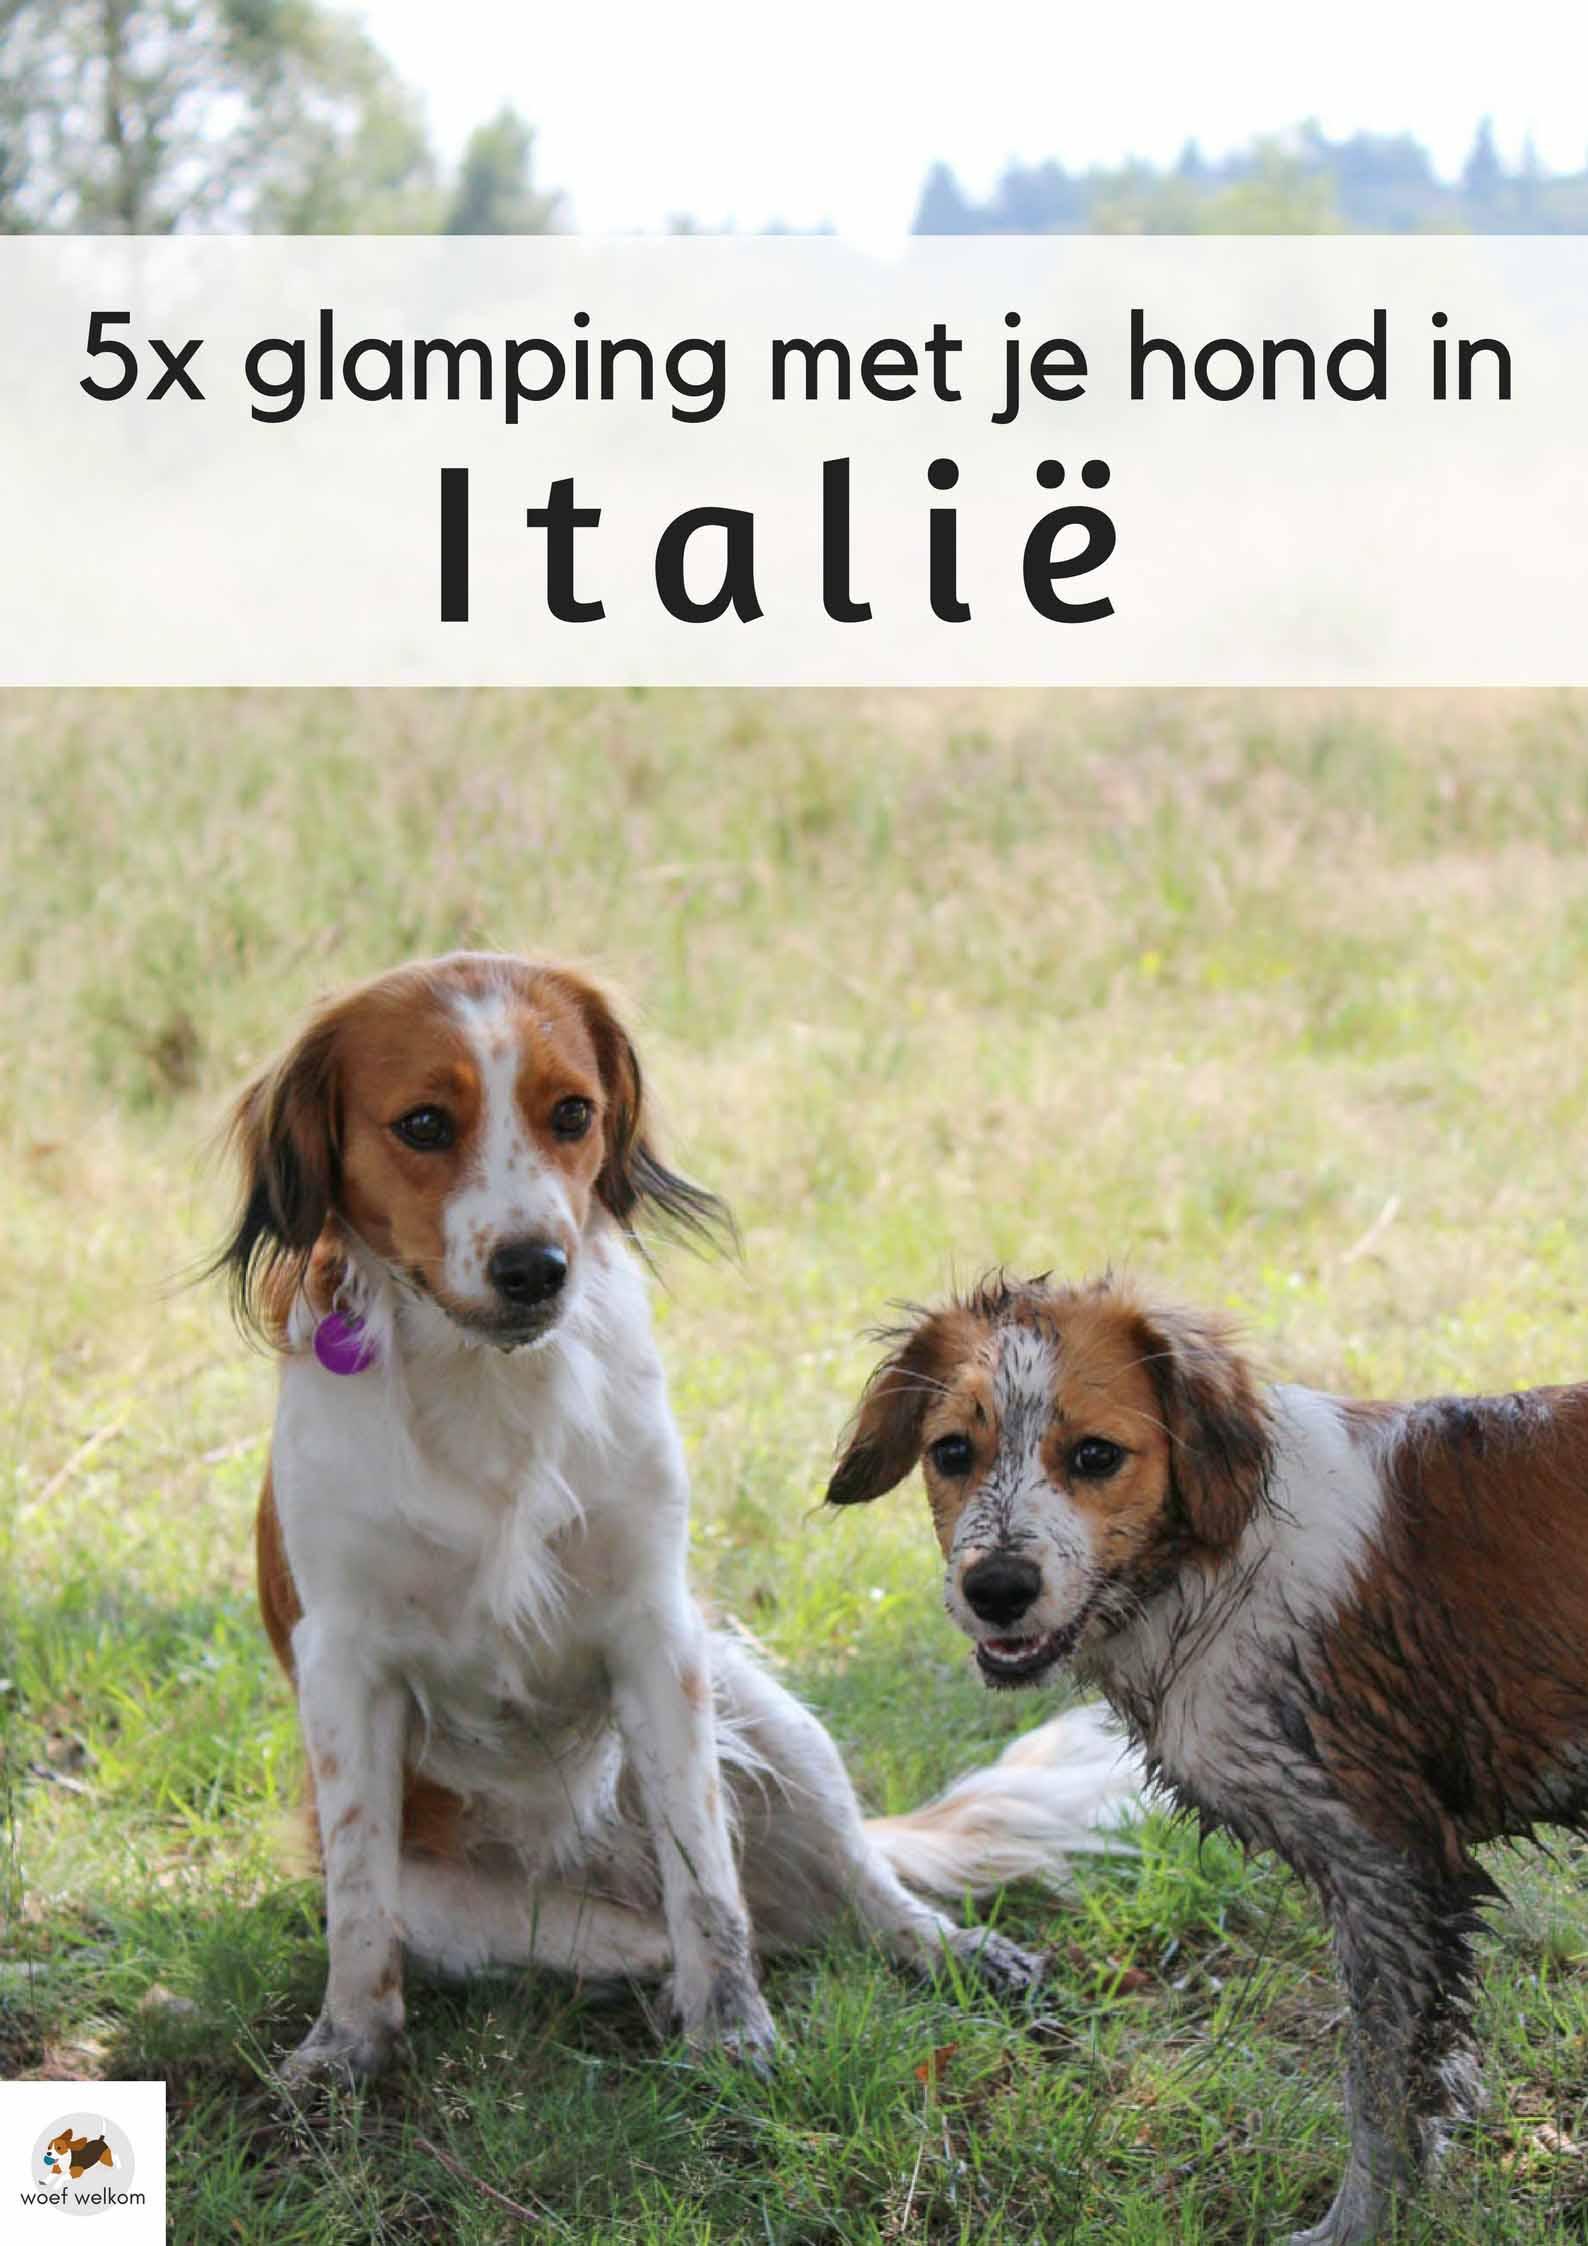 5x glamping met je hond in Italië - Woef Welkom